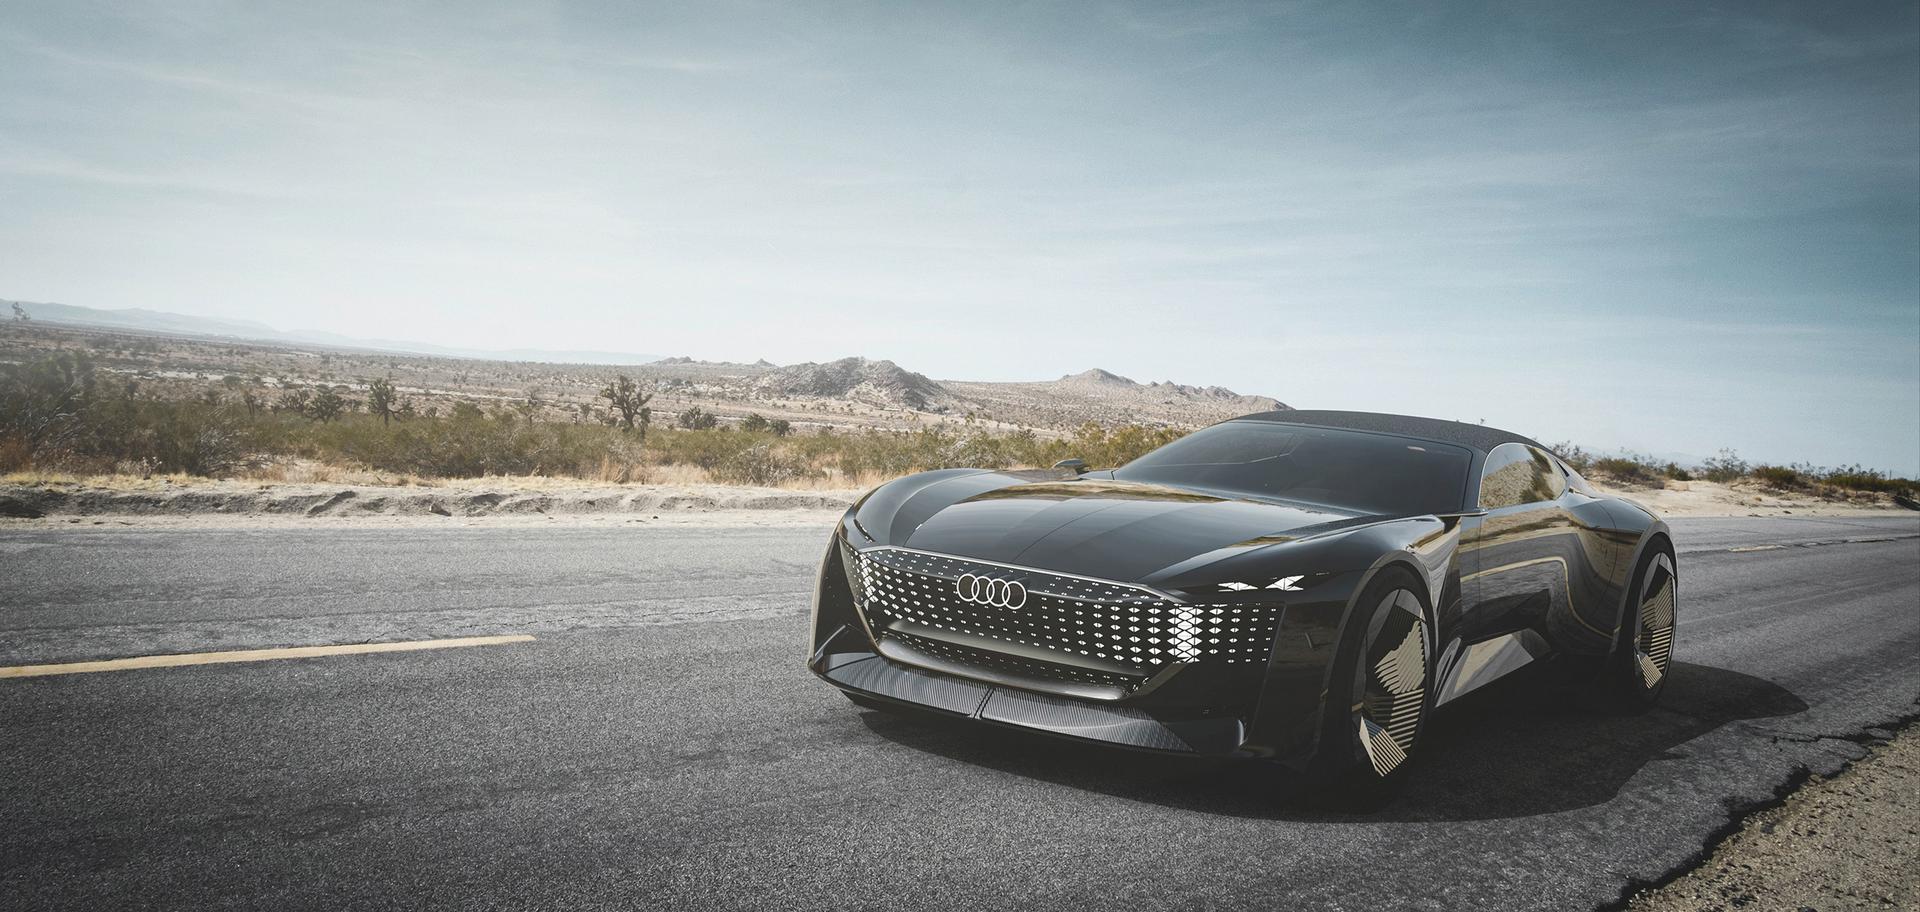 Audi skysphere grey